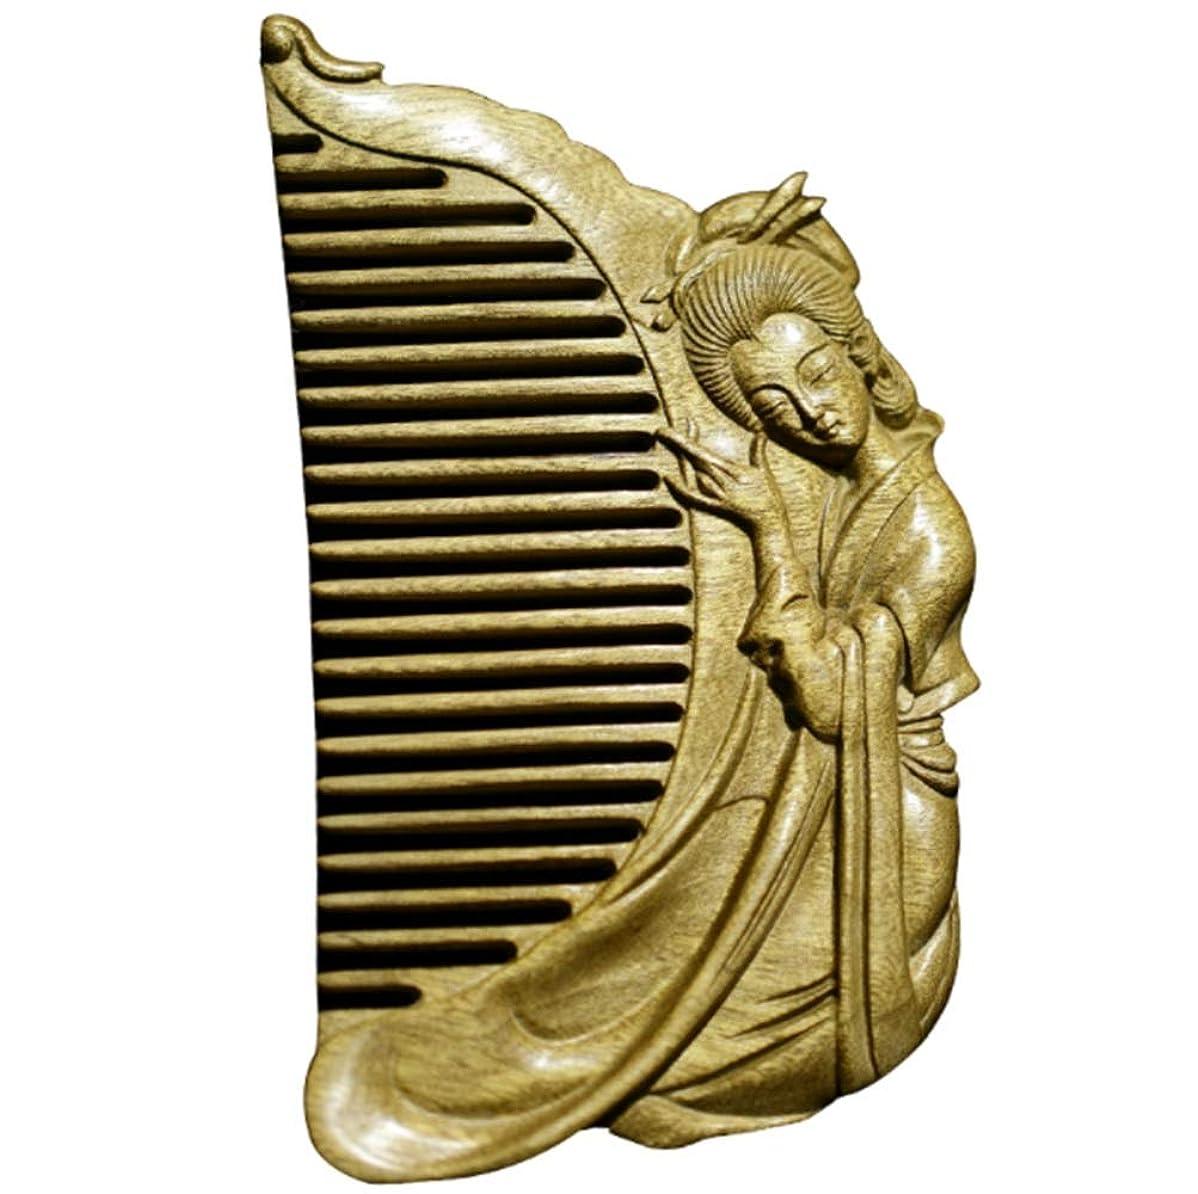 スペード平らな発火するCAFUTY 手彫りの女性の櫛/エボニーの櫛は、母親や友人を送信することができます (Color : Wood)